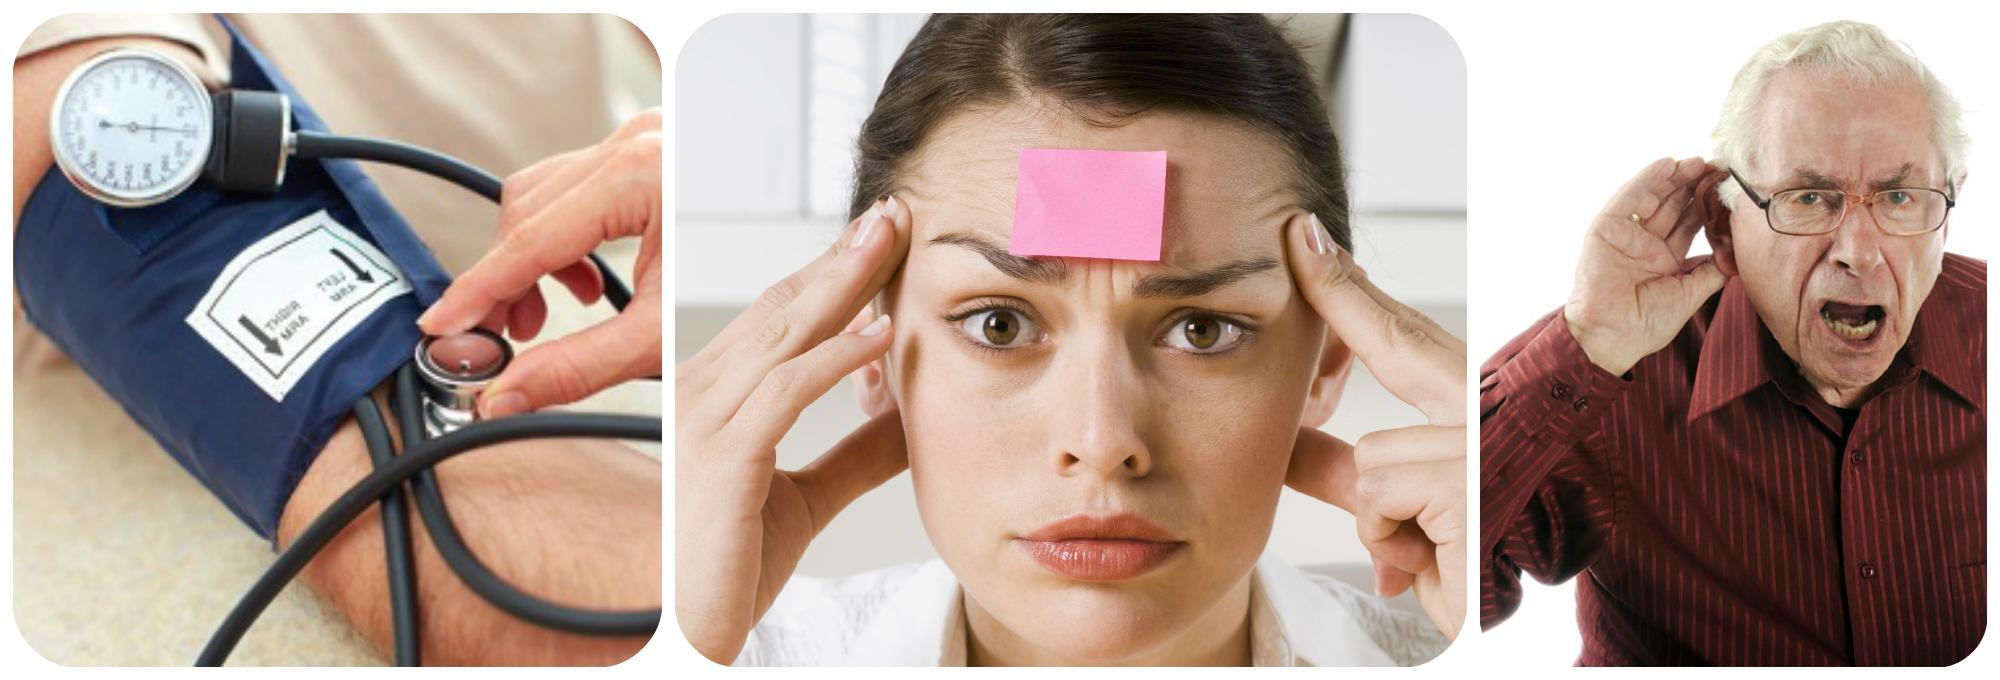 плохой слух и плохая память, высокое давлениее